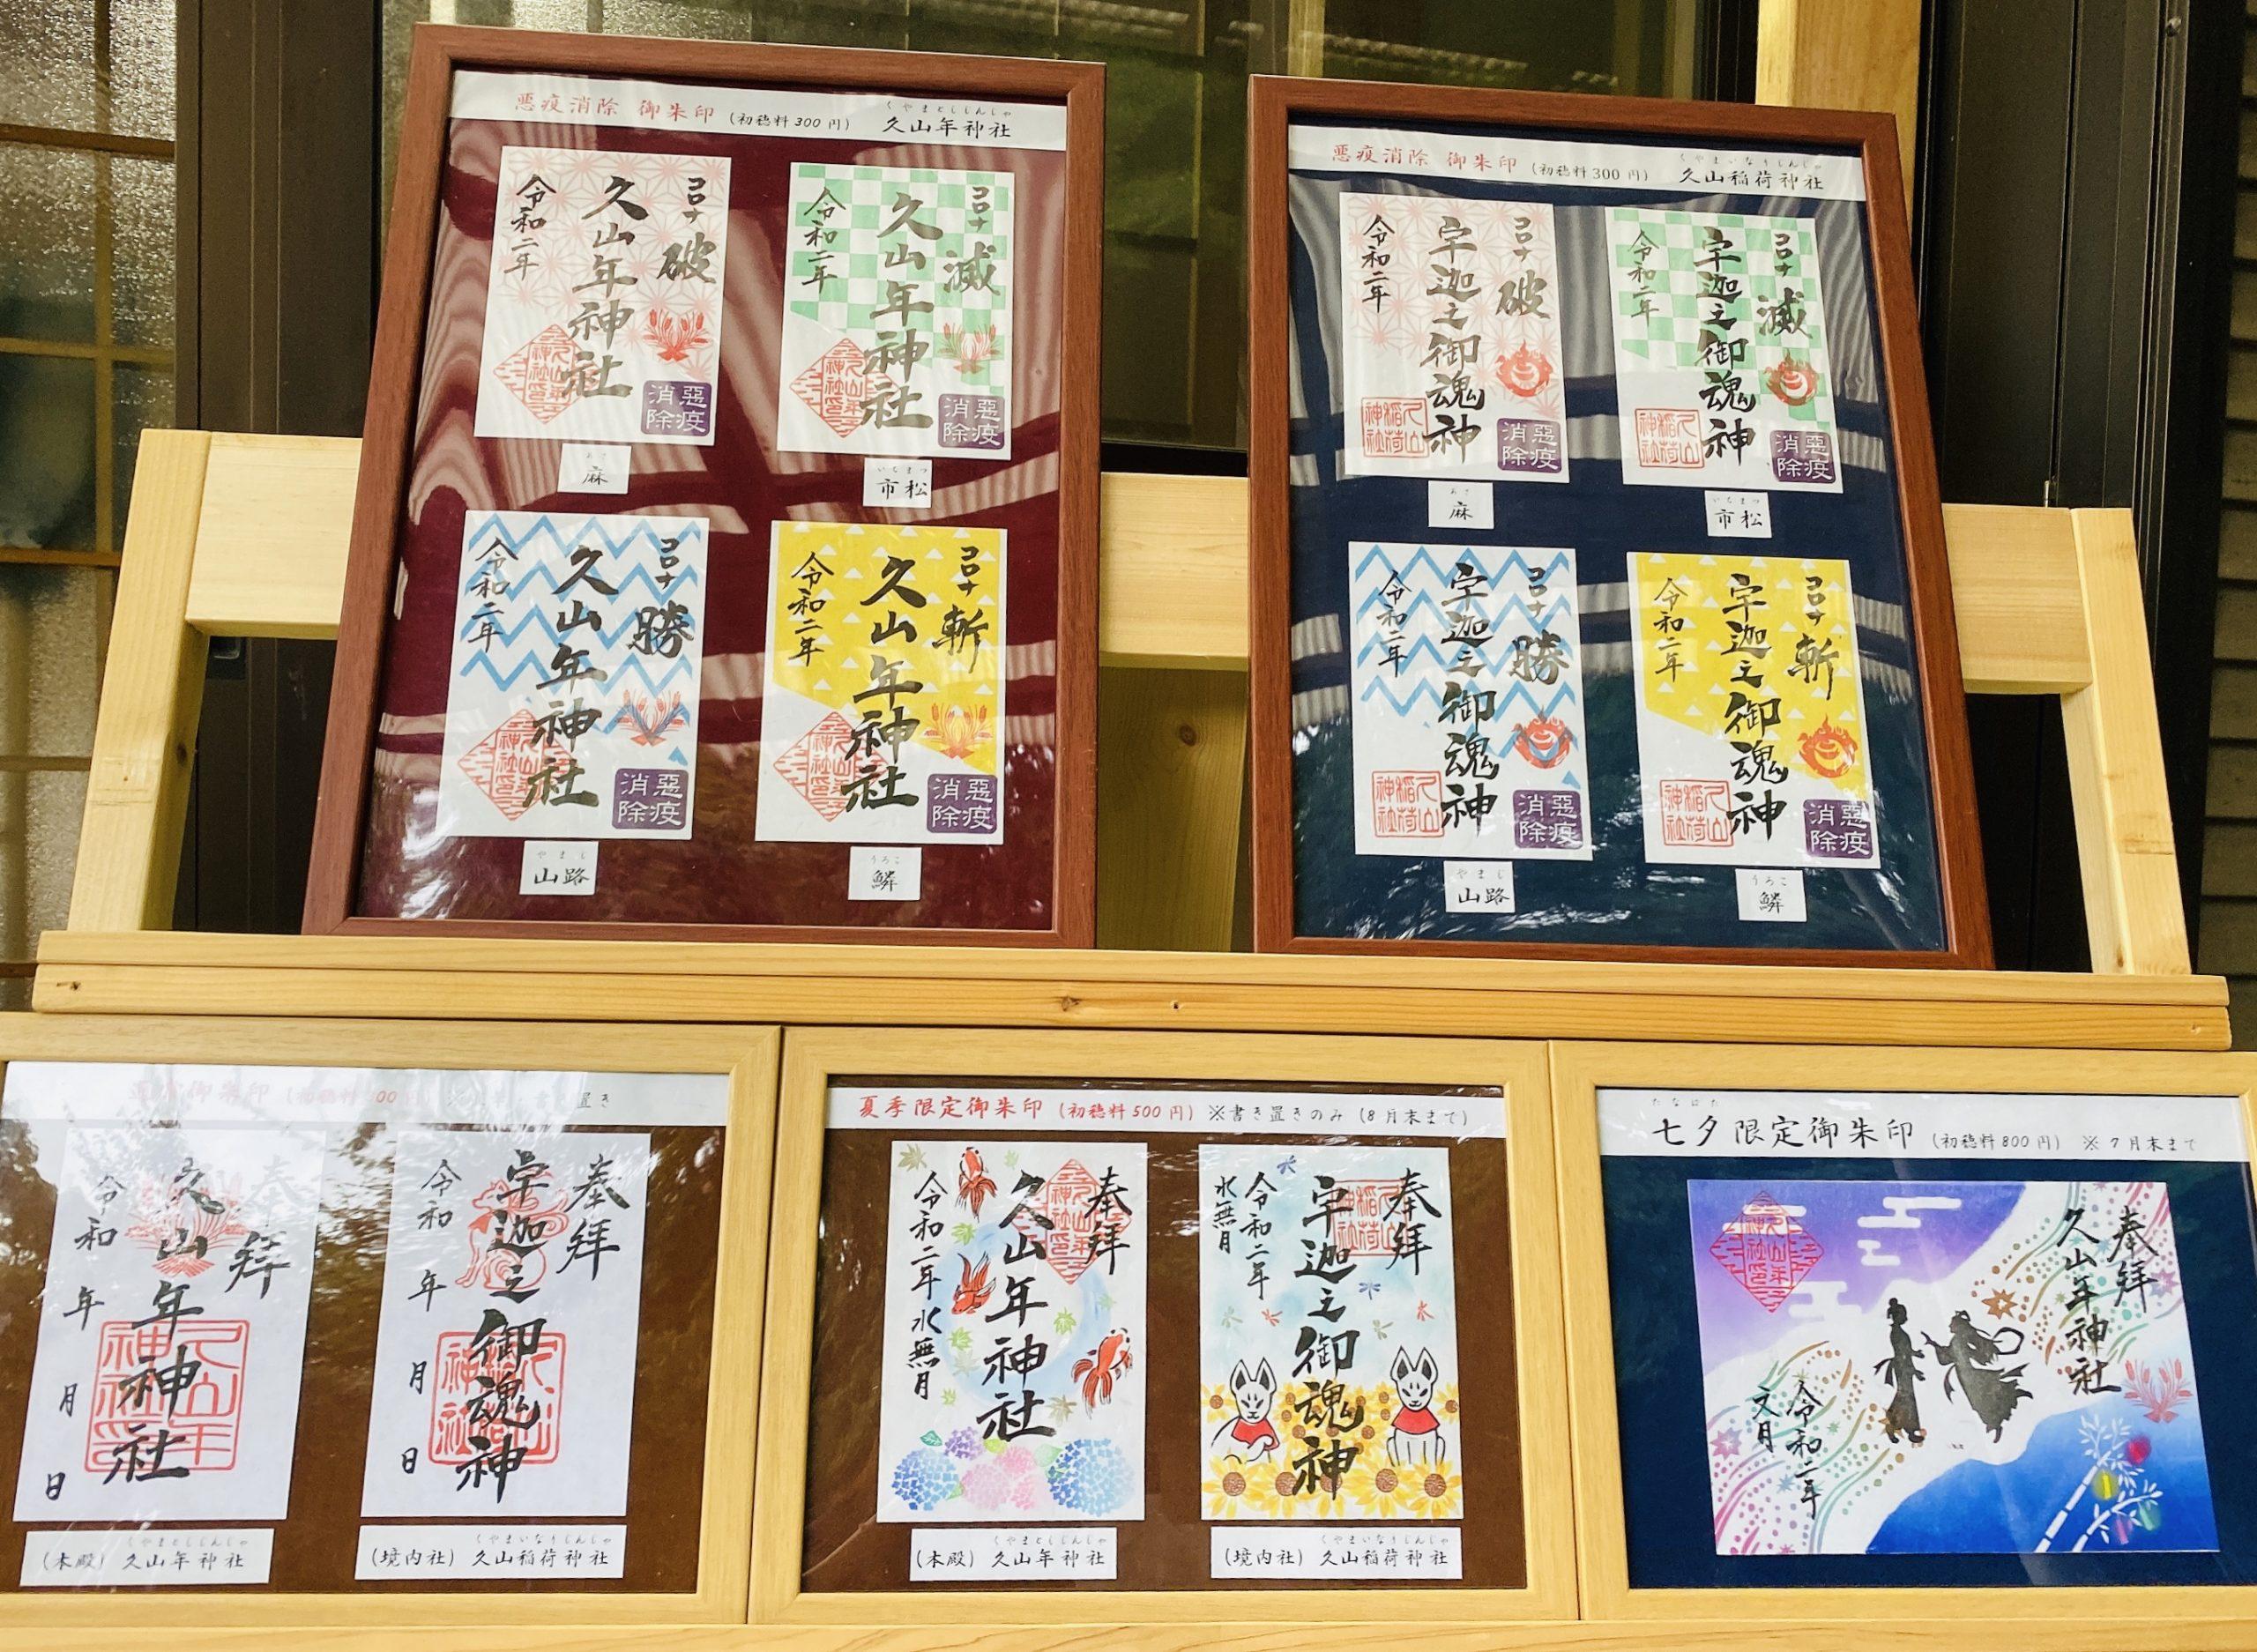 長崎のカラフルで可愛い御朱印!神社